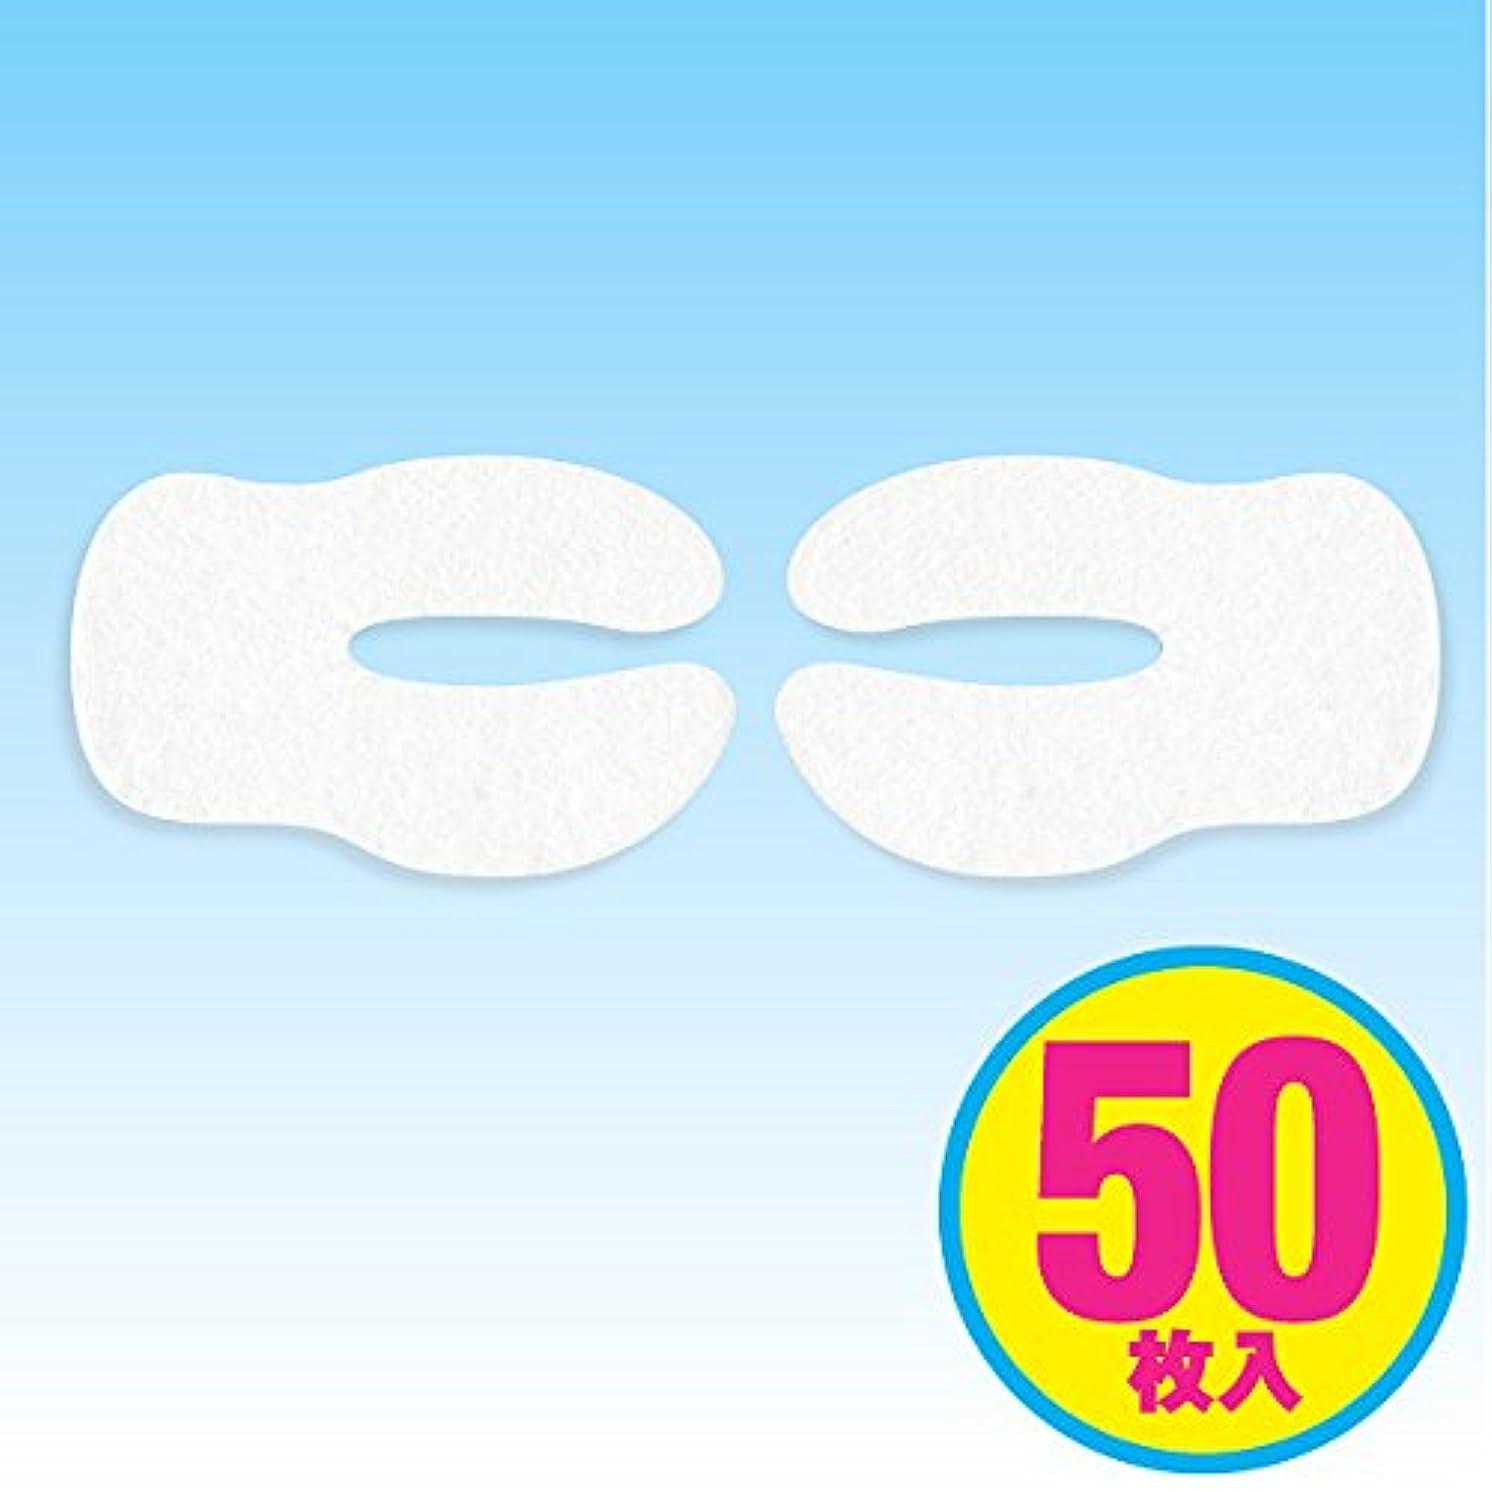 。受益者禁止する気になる目尻周辺をサポート【Cゾーンシート】業務用50枚入/お気に入りの化粧水?美容液でローションパックを